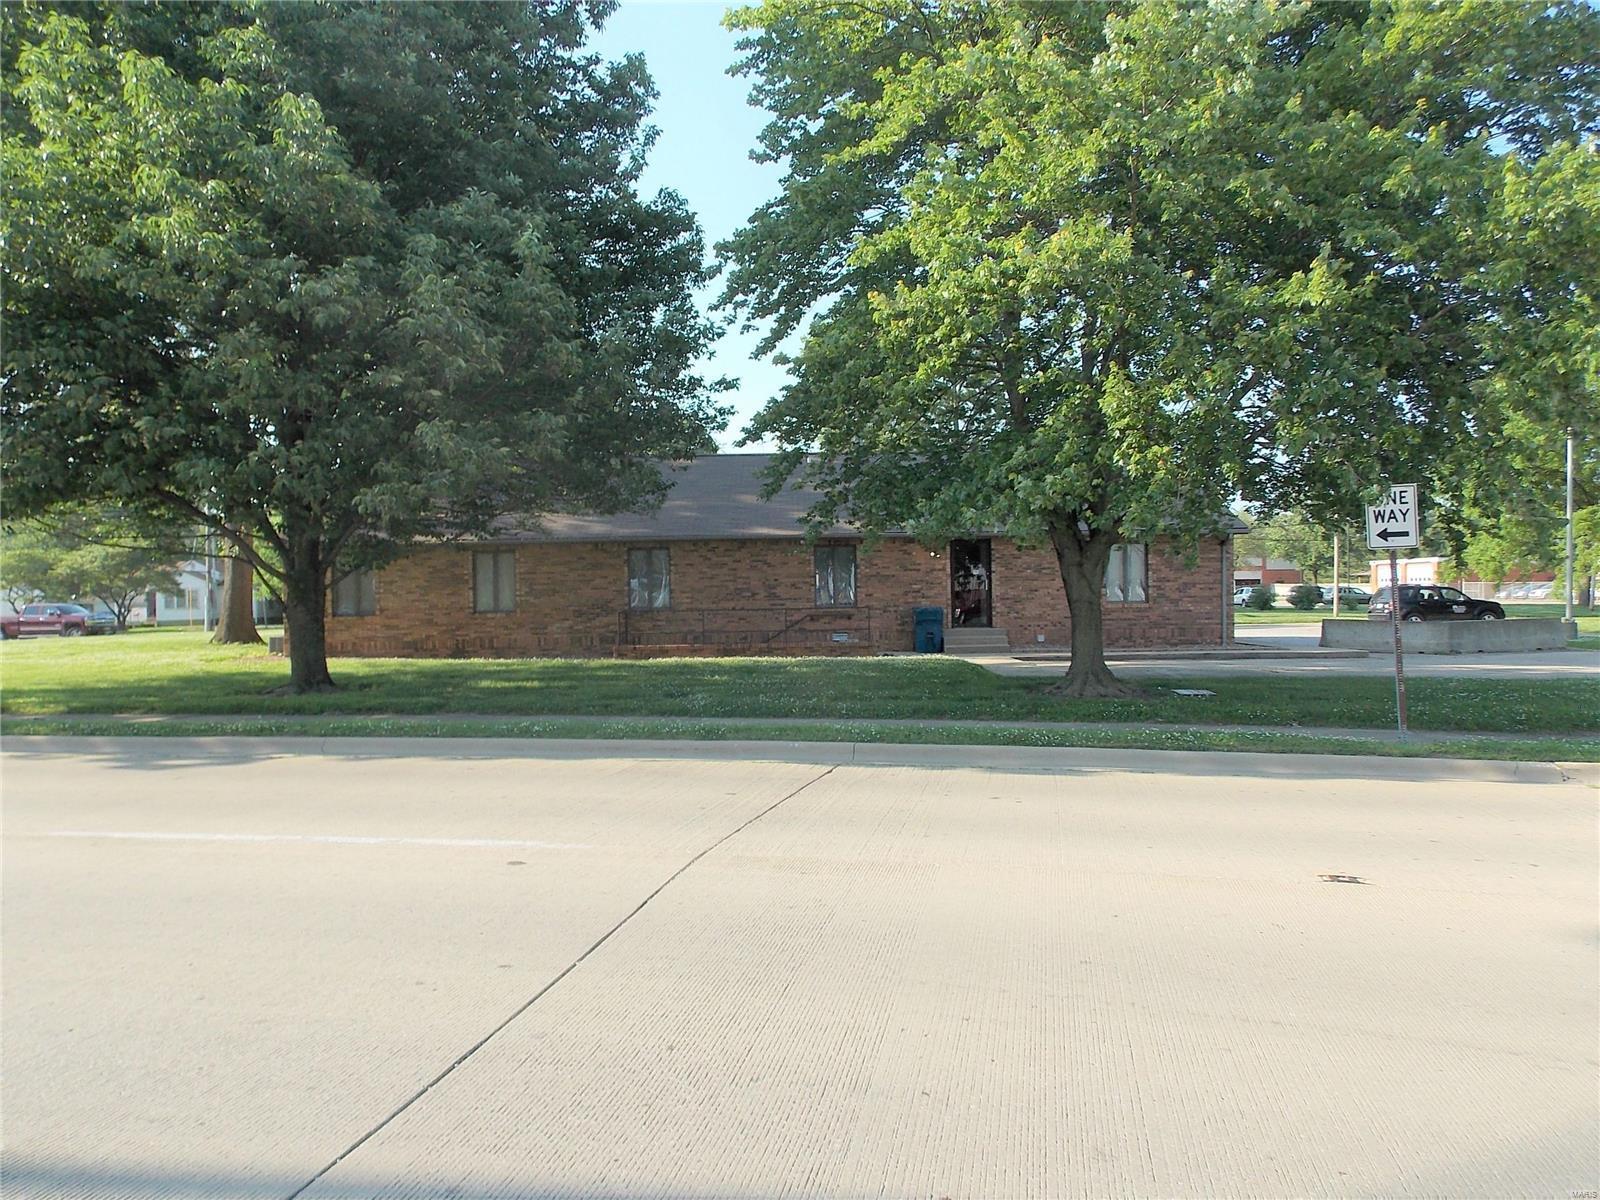 837 E McCord Property Photo - Centralia, IL real estate listing